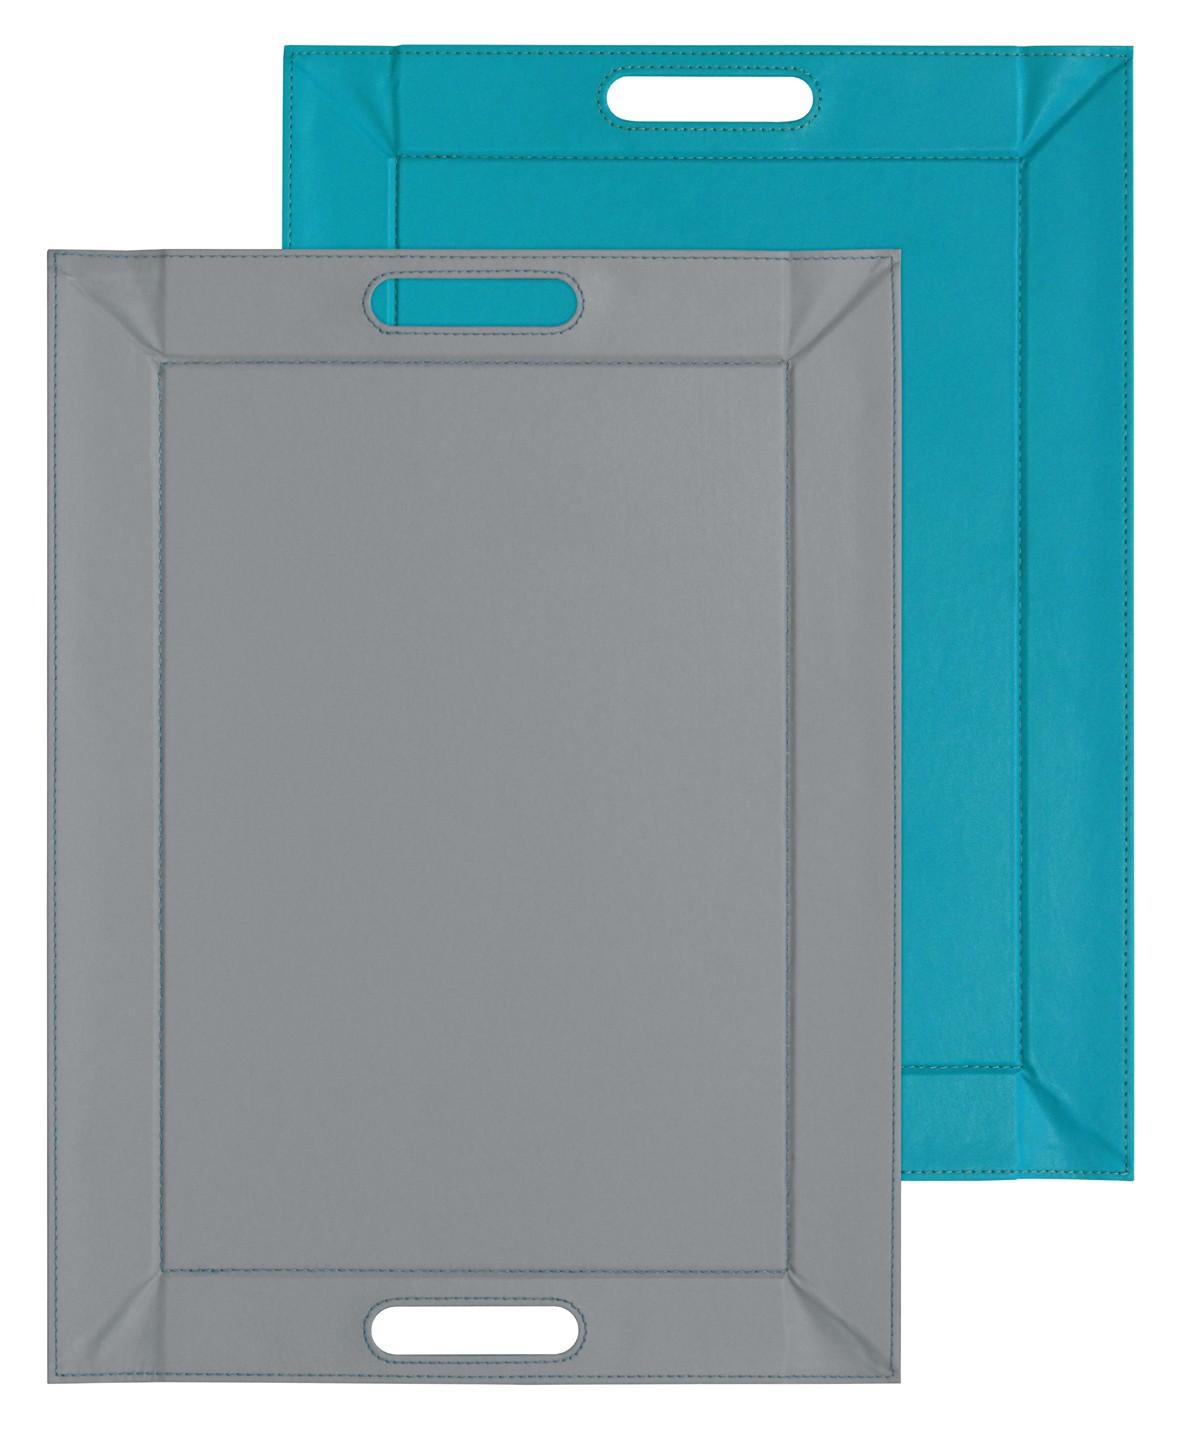 Turquoise et gris